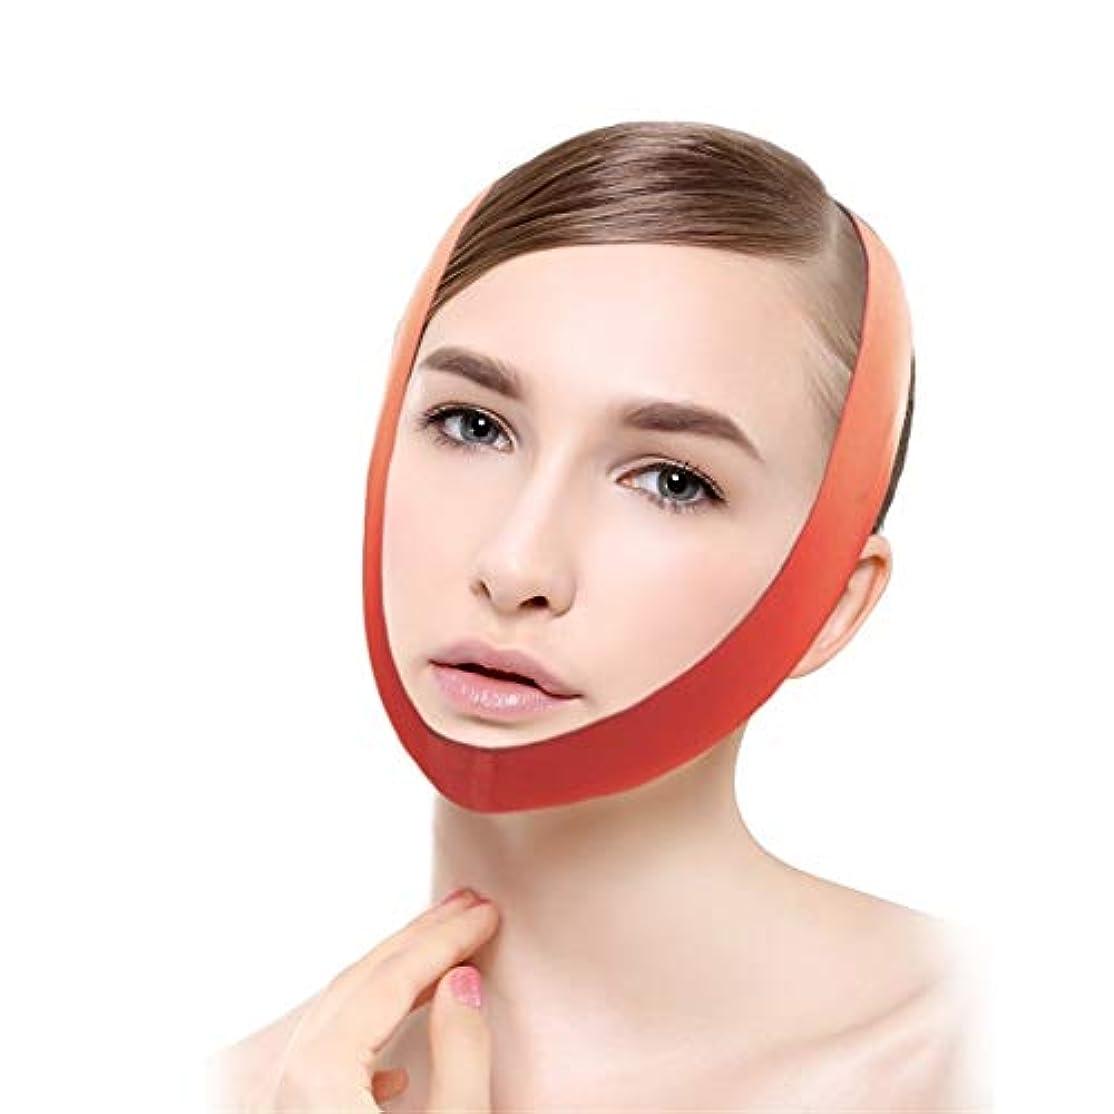 決定するトレーニング二層ZPSM 薄くて軽い 薄い顔ベルト、ユニセックススリープ薄い顔ダブルチンリデューサー顔面美容リフティングファーミング効果的?フェイシャル脂肪を削除するマスク (Color : A)